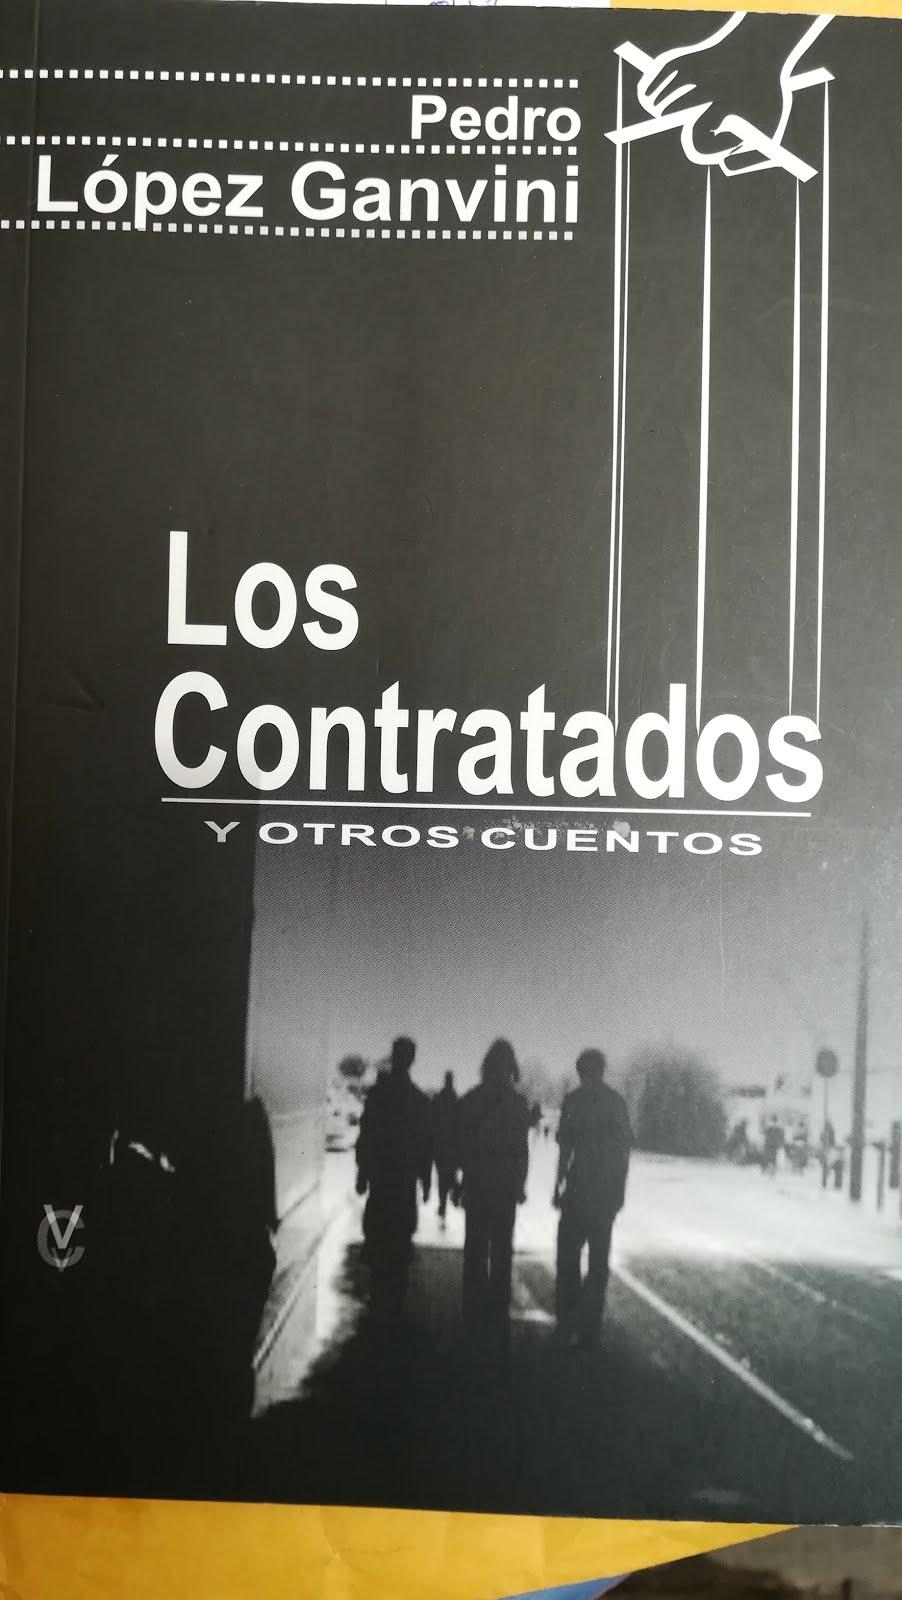 LOS CONTRATADOS y otros cuentos